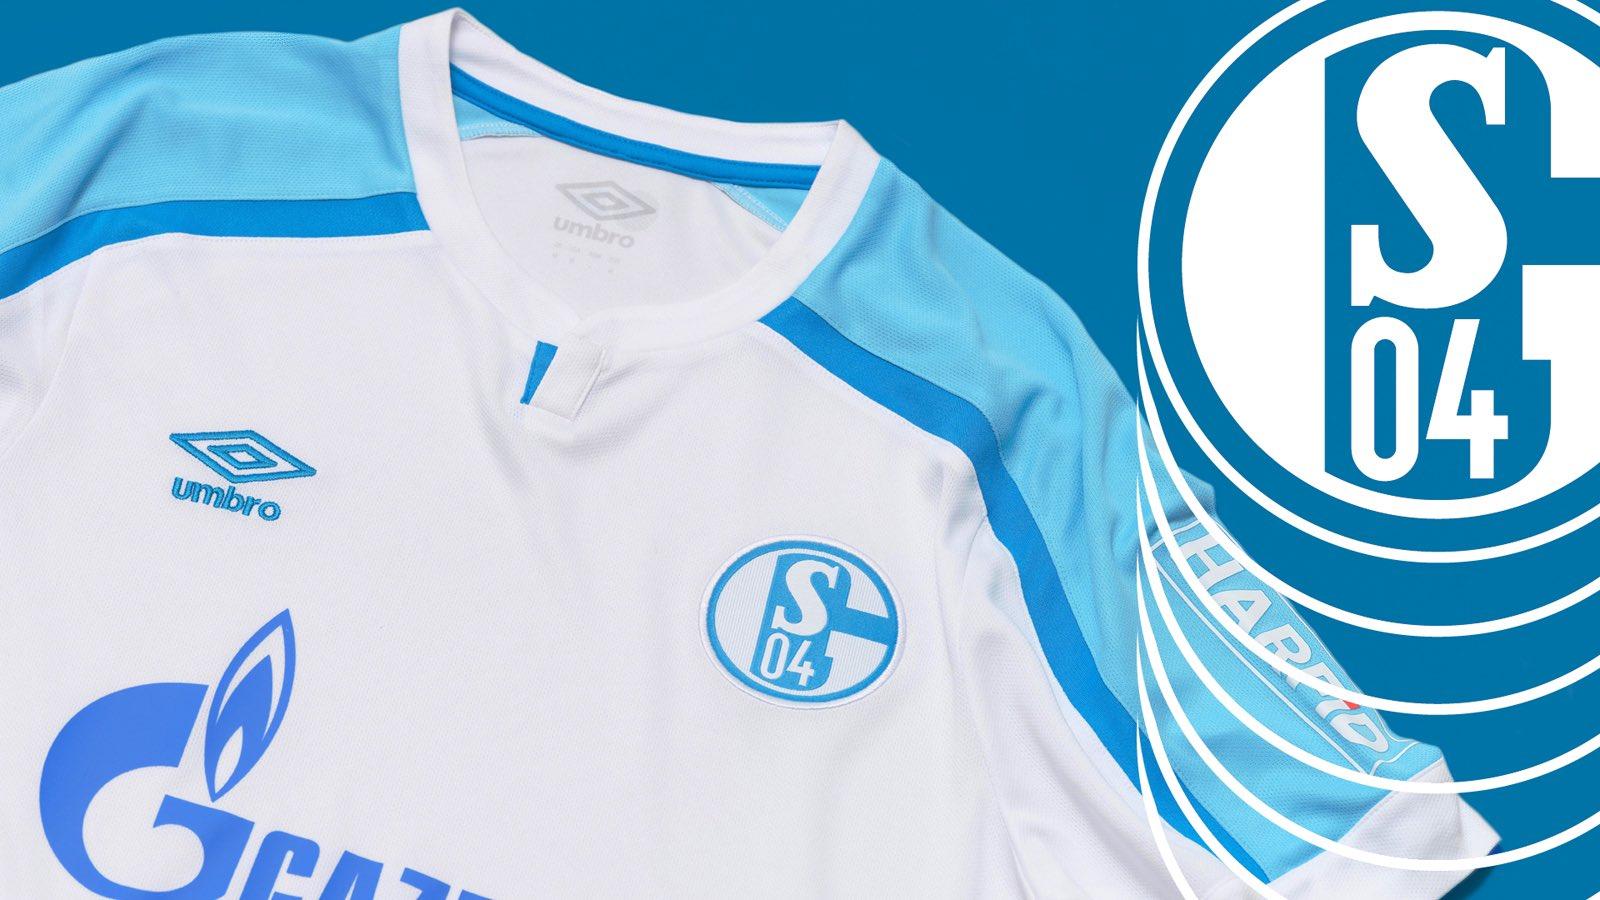 Camisas do Schalke 04 2021-2022 Umbro